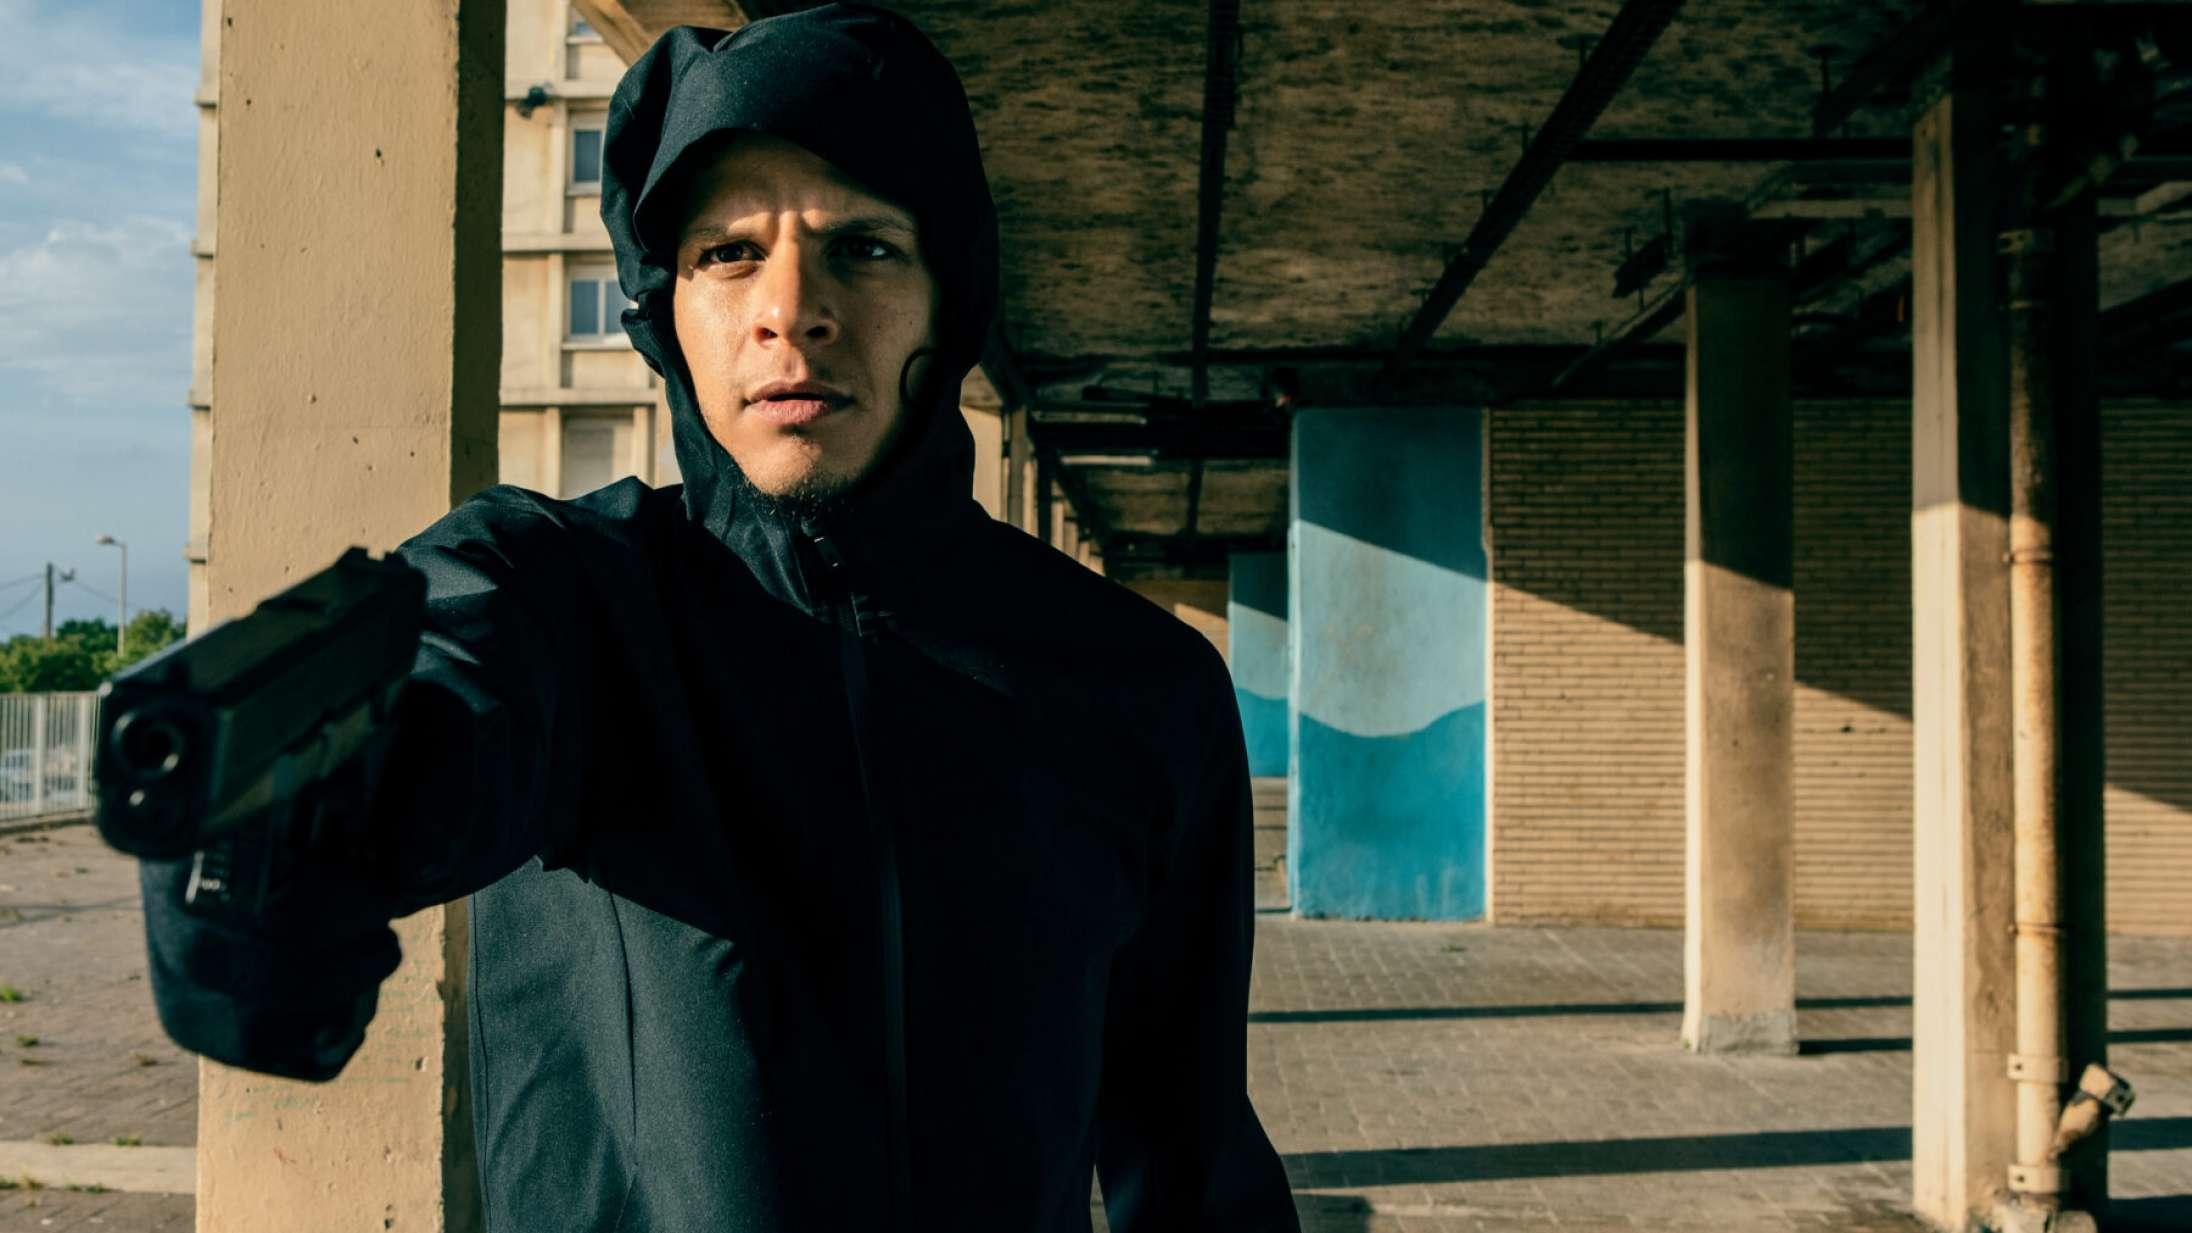 'Caïd': Ambitiøs Netflix-serie er mest spændende på papiret